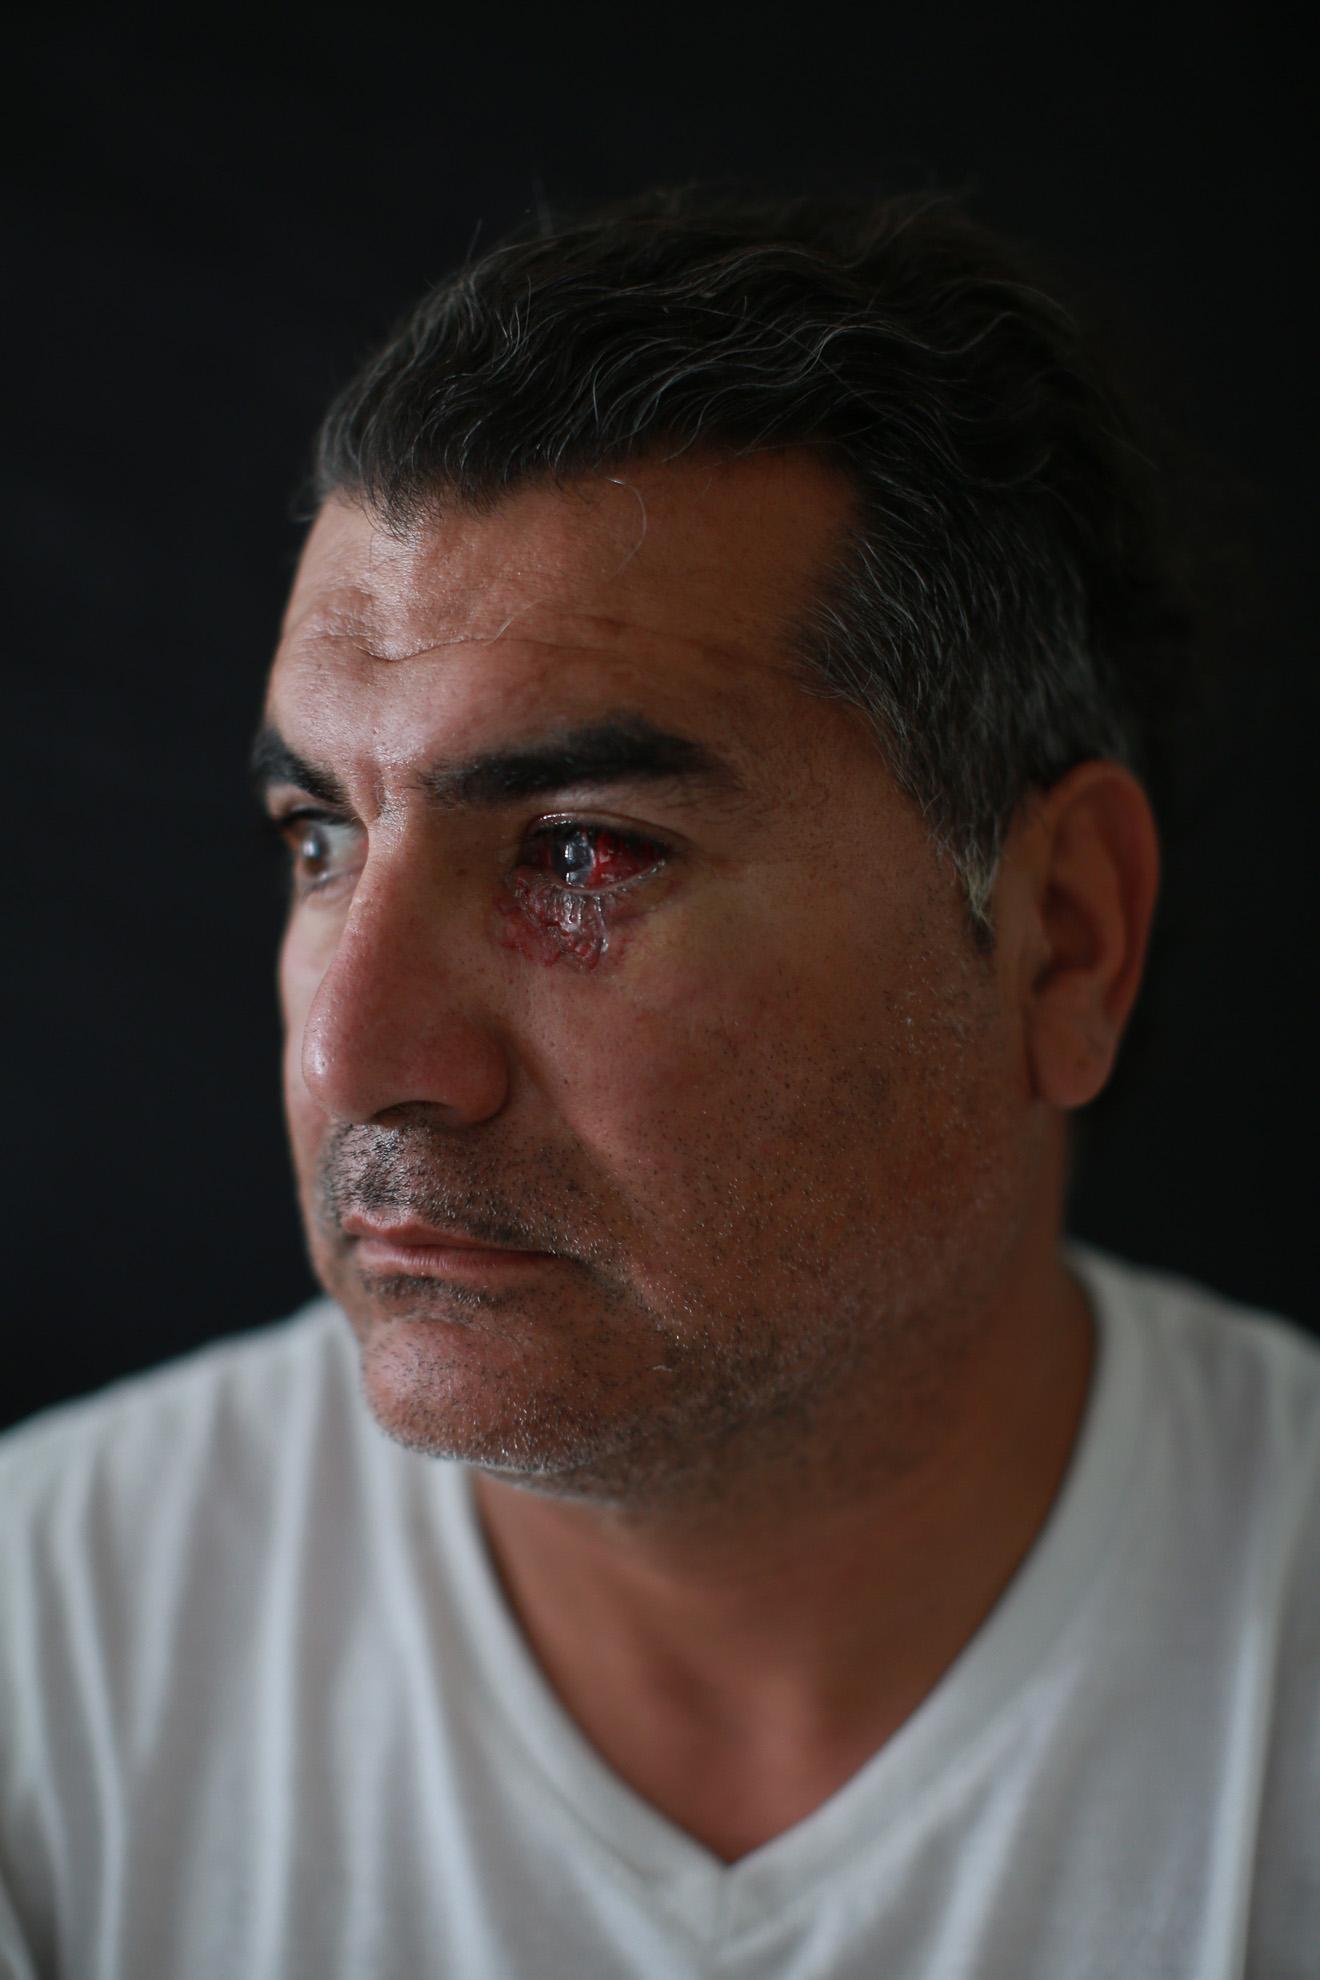 """Albano Toro (40), paramédico, herido en un hospital de campaña mientras asistía a un manifestante. """"El jueves 21 de noviembre (2019) estaba atendiendo y recibí el disparo. Tengo perdida total de la vista y aún estoy en observación. Después de esto voy a descansar. Esto me cambió la vida. Tengo una madre jubilada y depende de mi sustento."""""""